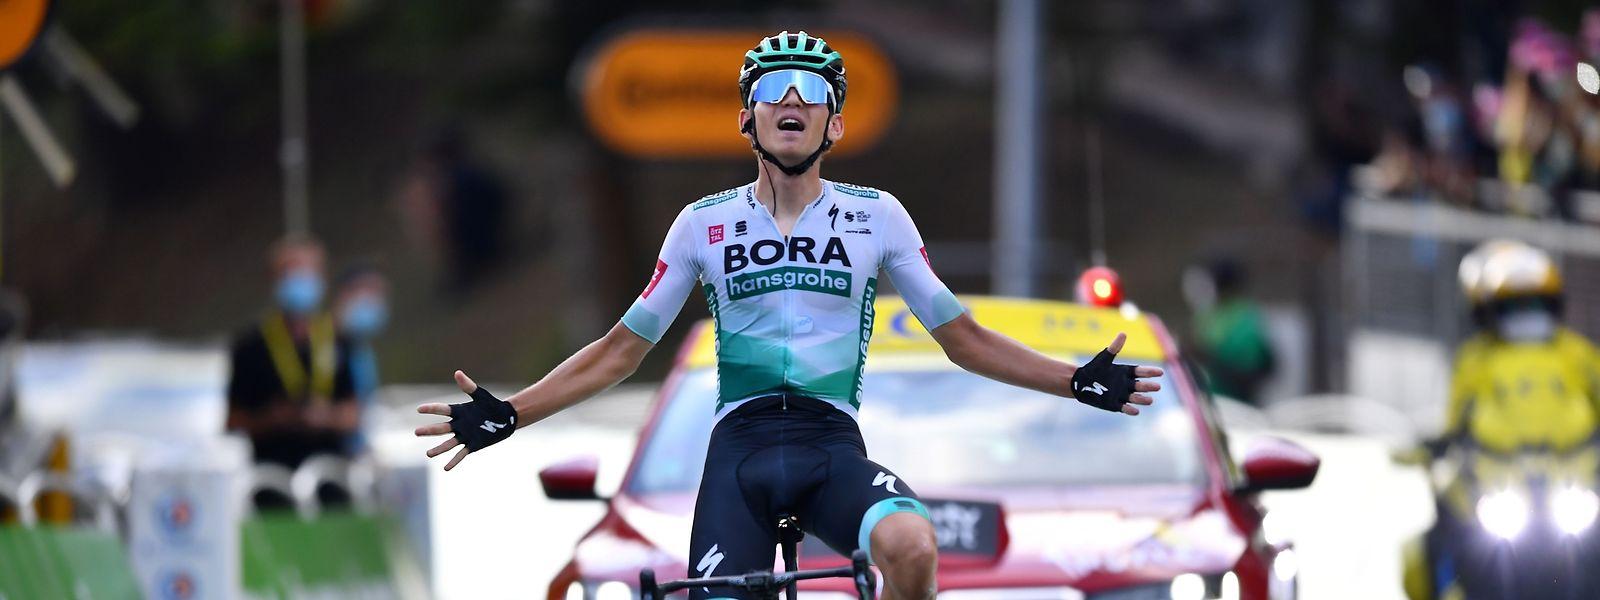 Lennard Kämna ist am Dienstag eindeutig der stärkste Fahrer.